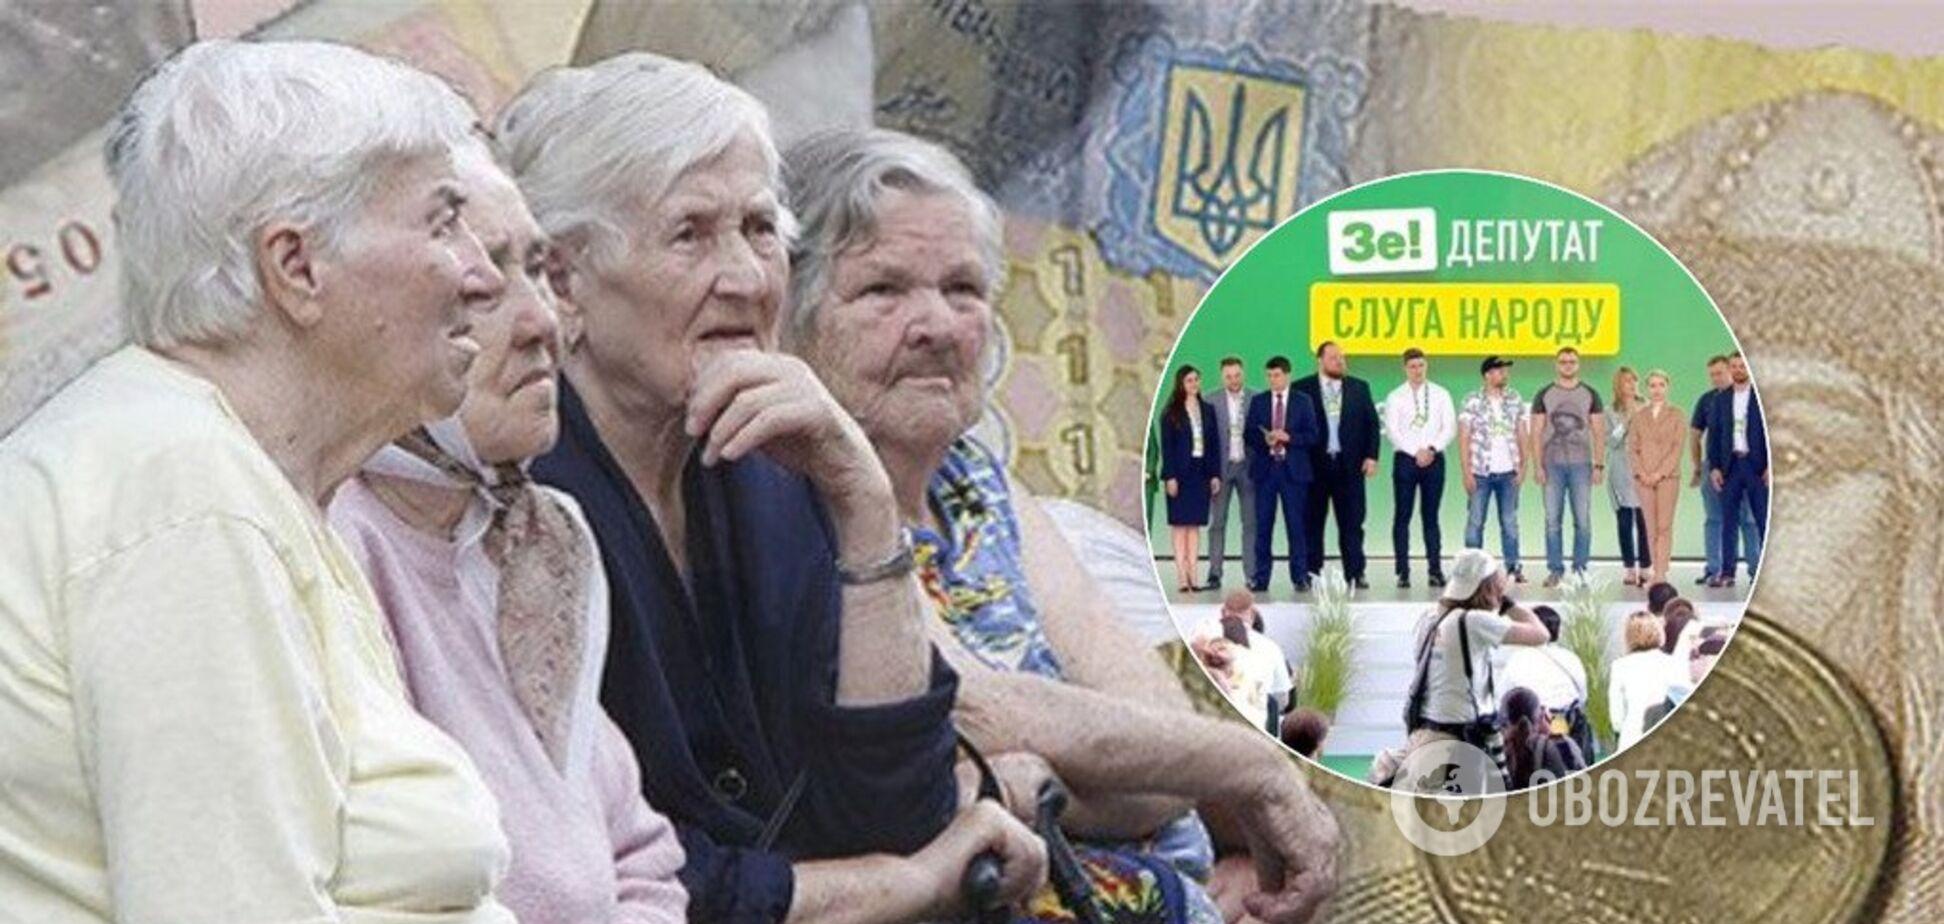 У Зеленского готовятся проверить всех пенсионеров: что ждет украинцев